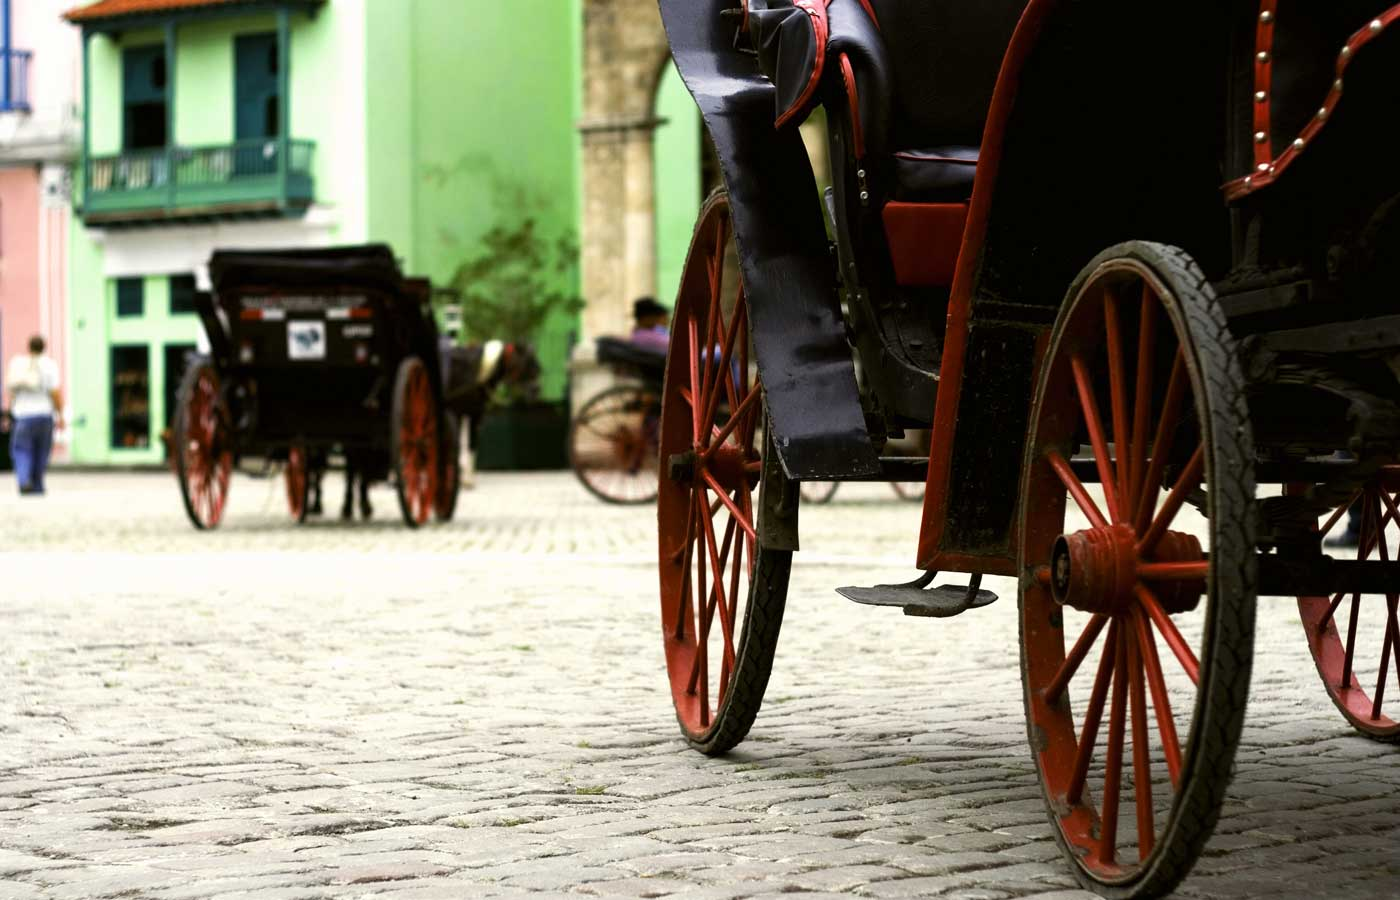 Cuba Carriage